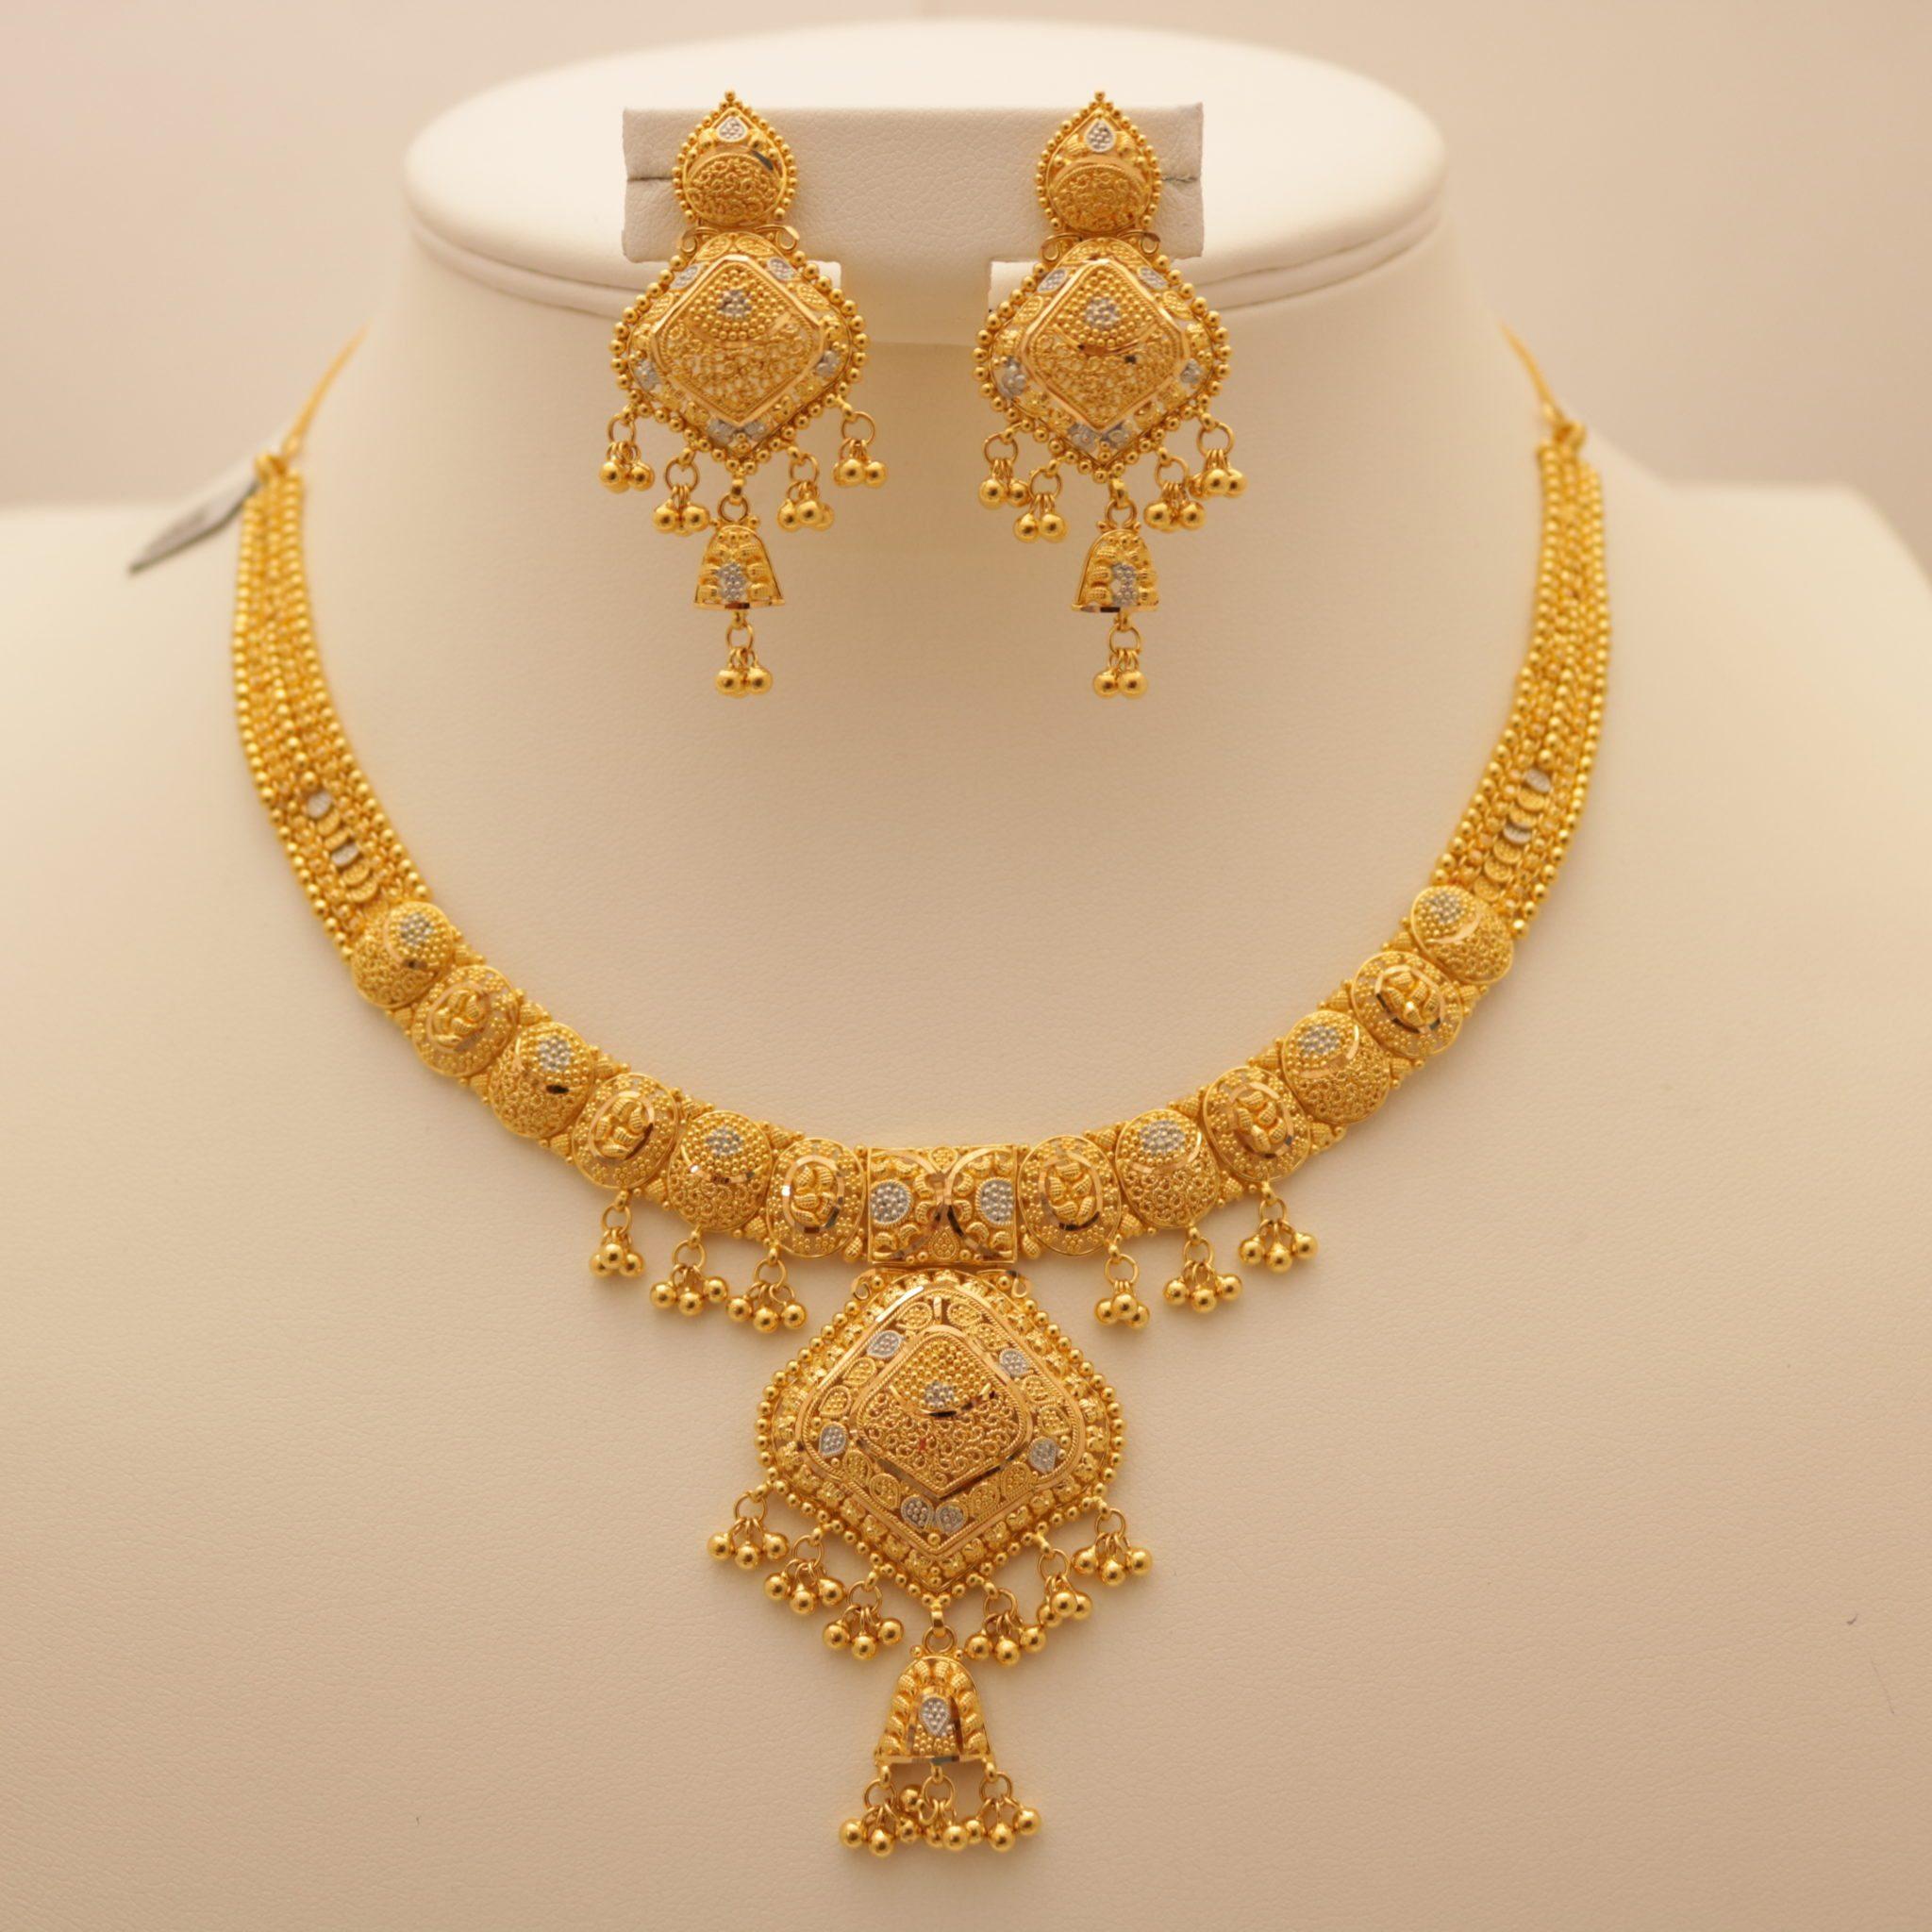 22 Carat Indian Gold Necklace Set 45 3 Grams Gold Forever